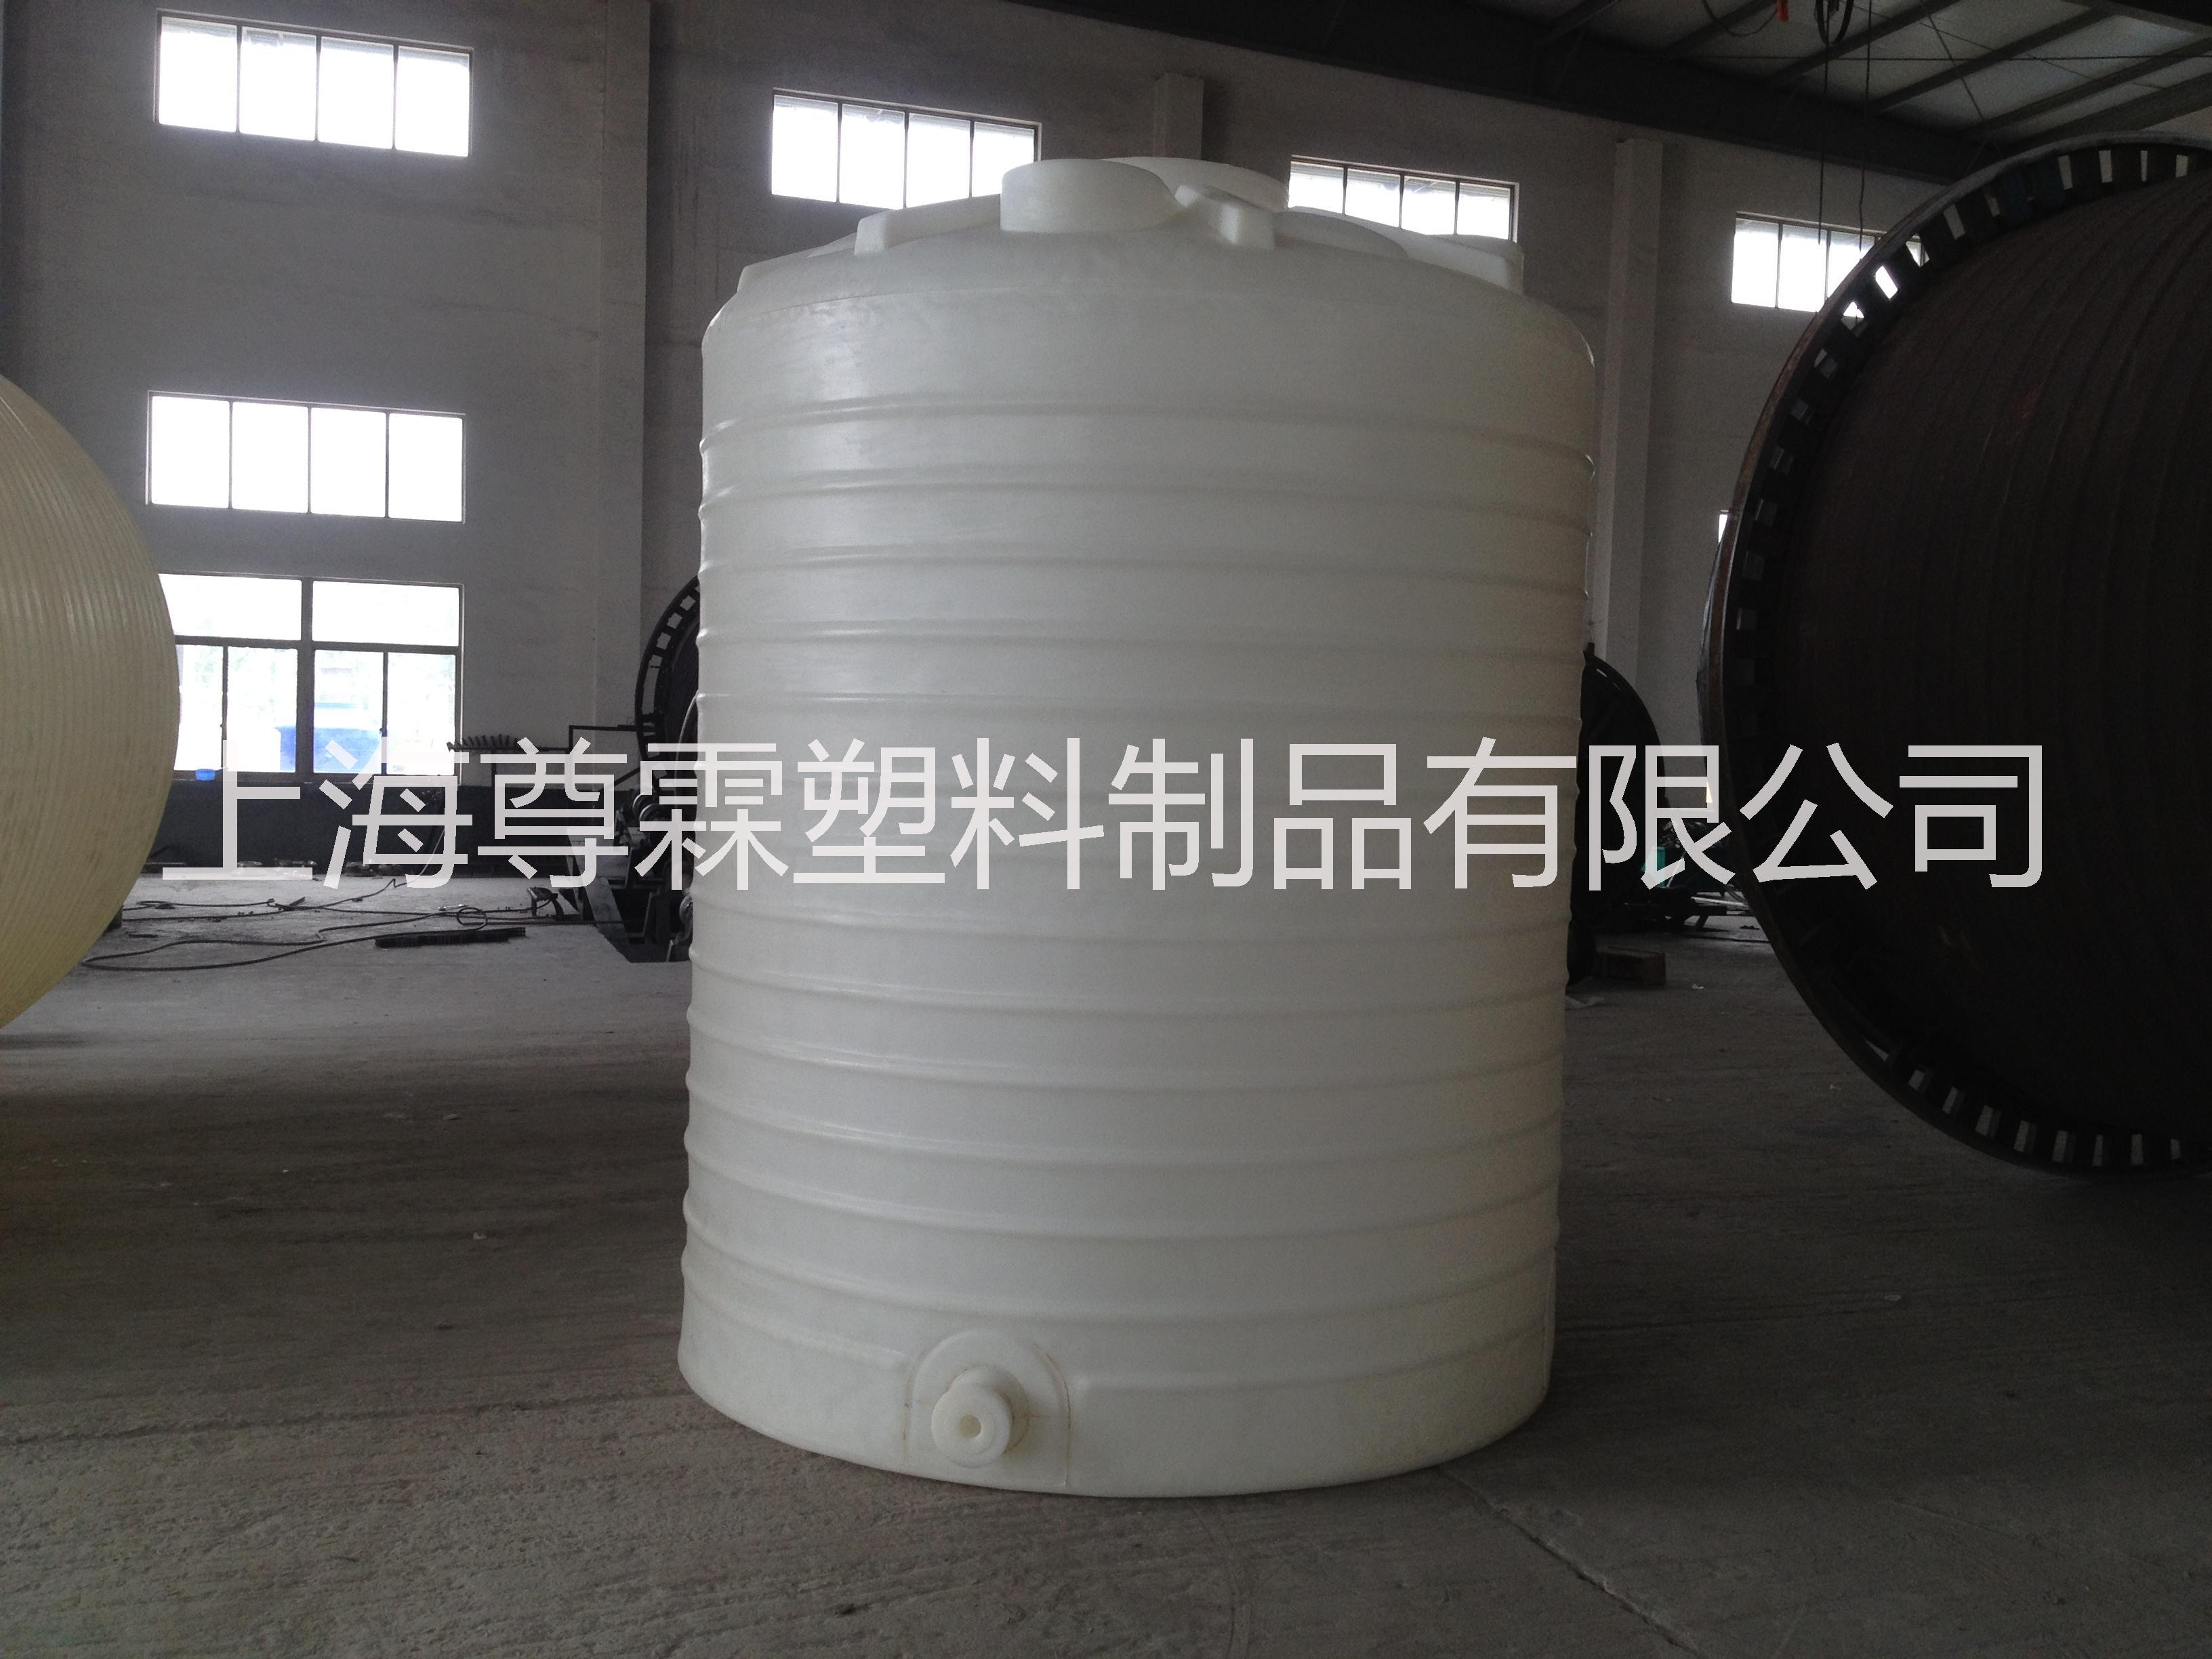 上海15立方塑料水箱  15吨塑料水塔 上海15T塑料储罐